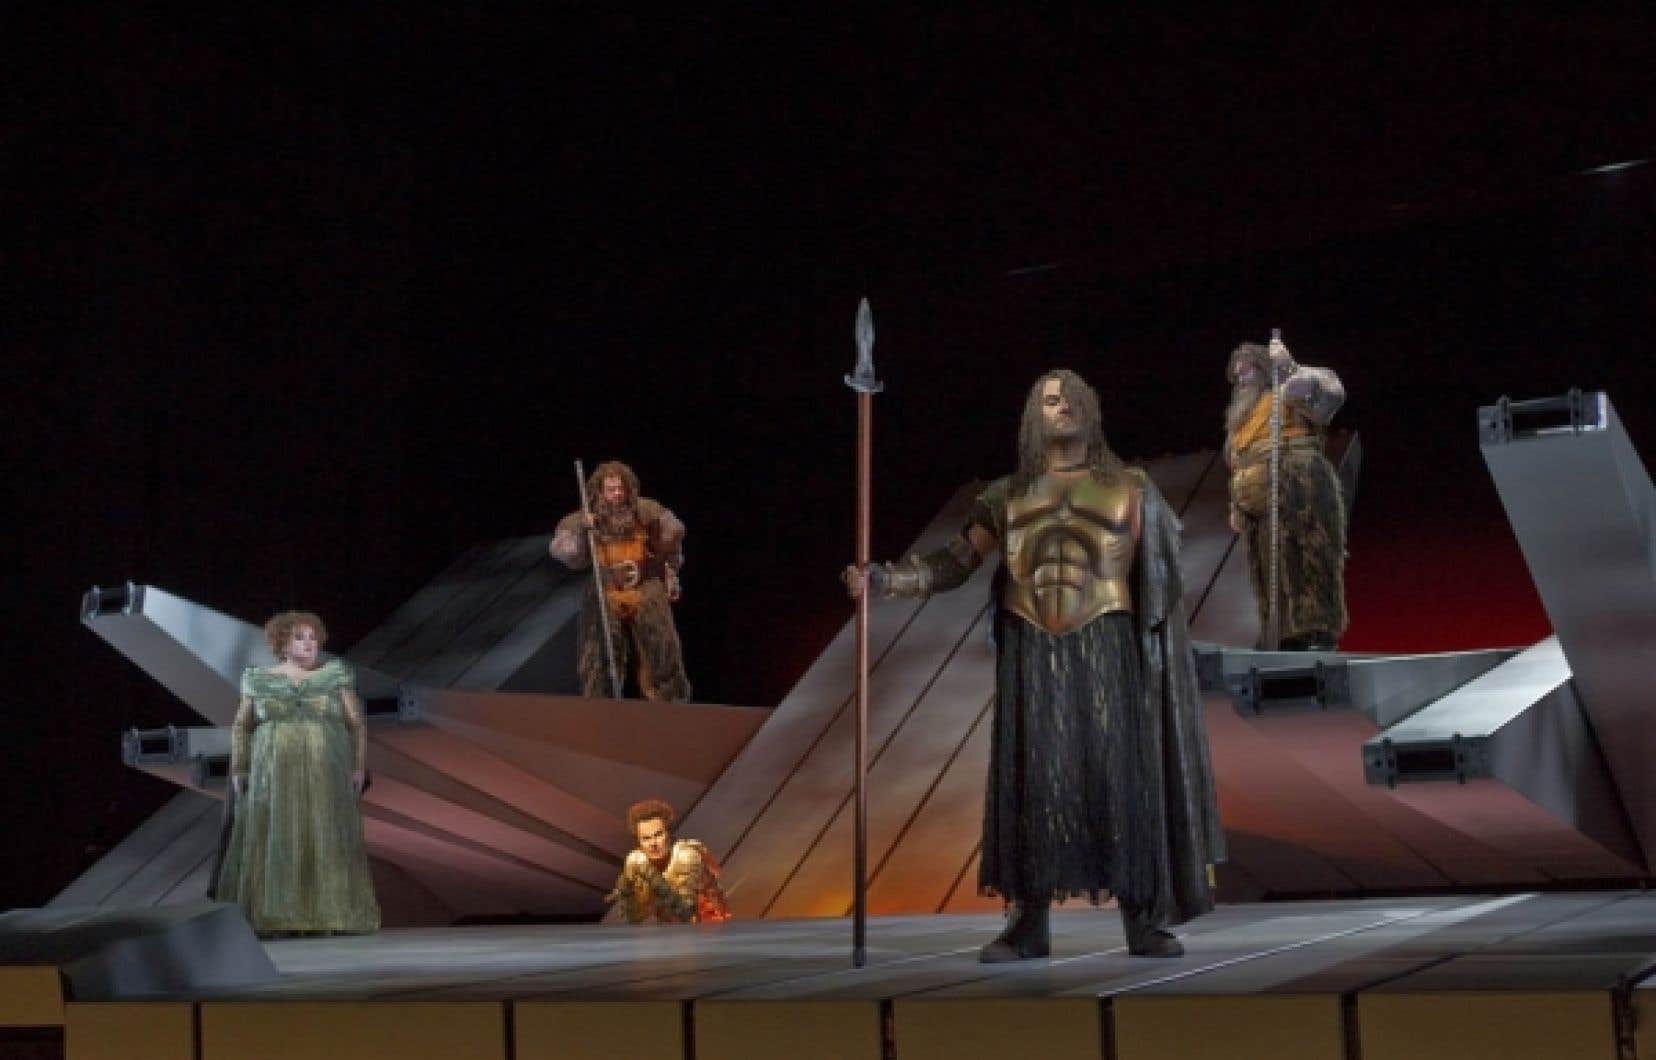 Wotan (Bryn Terfel) et Fricka (Stéphanie Blythe) sous le regard des géants et de Loge, dieu du feu, personnage central de Das Rheingold vu par Robert Lepage.<br />